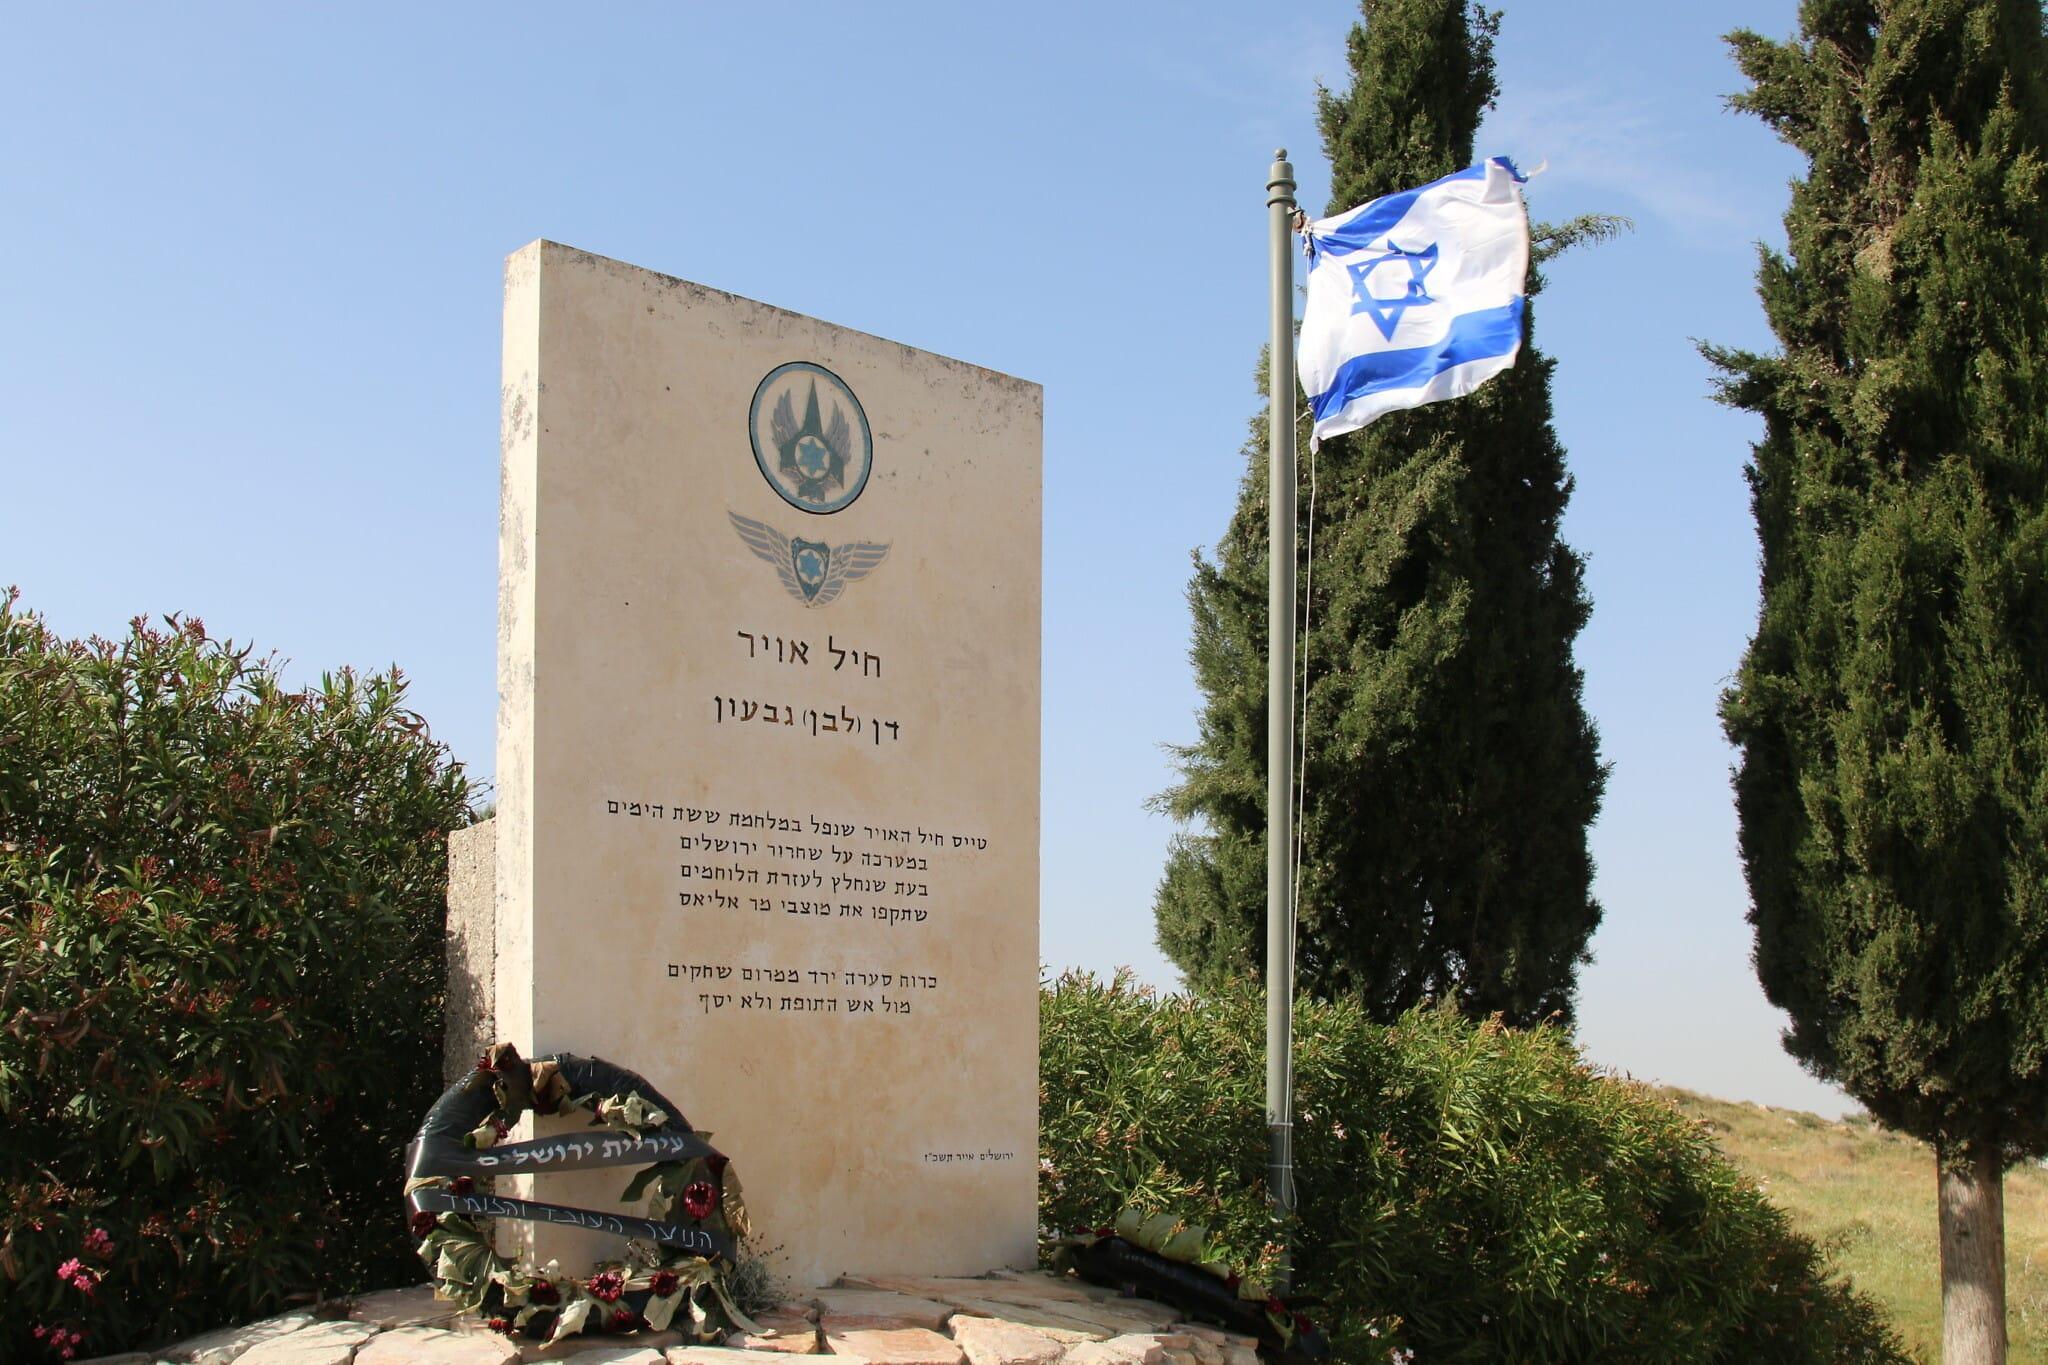 הגלעד לזכר סגן דן גבעון מול מנזר מאר אליאס בירושלים (צילום: שמואל בר-עם)